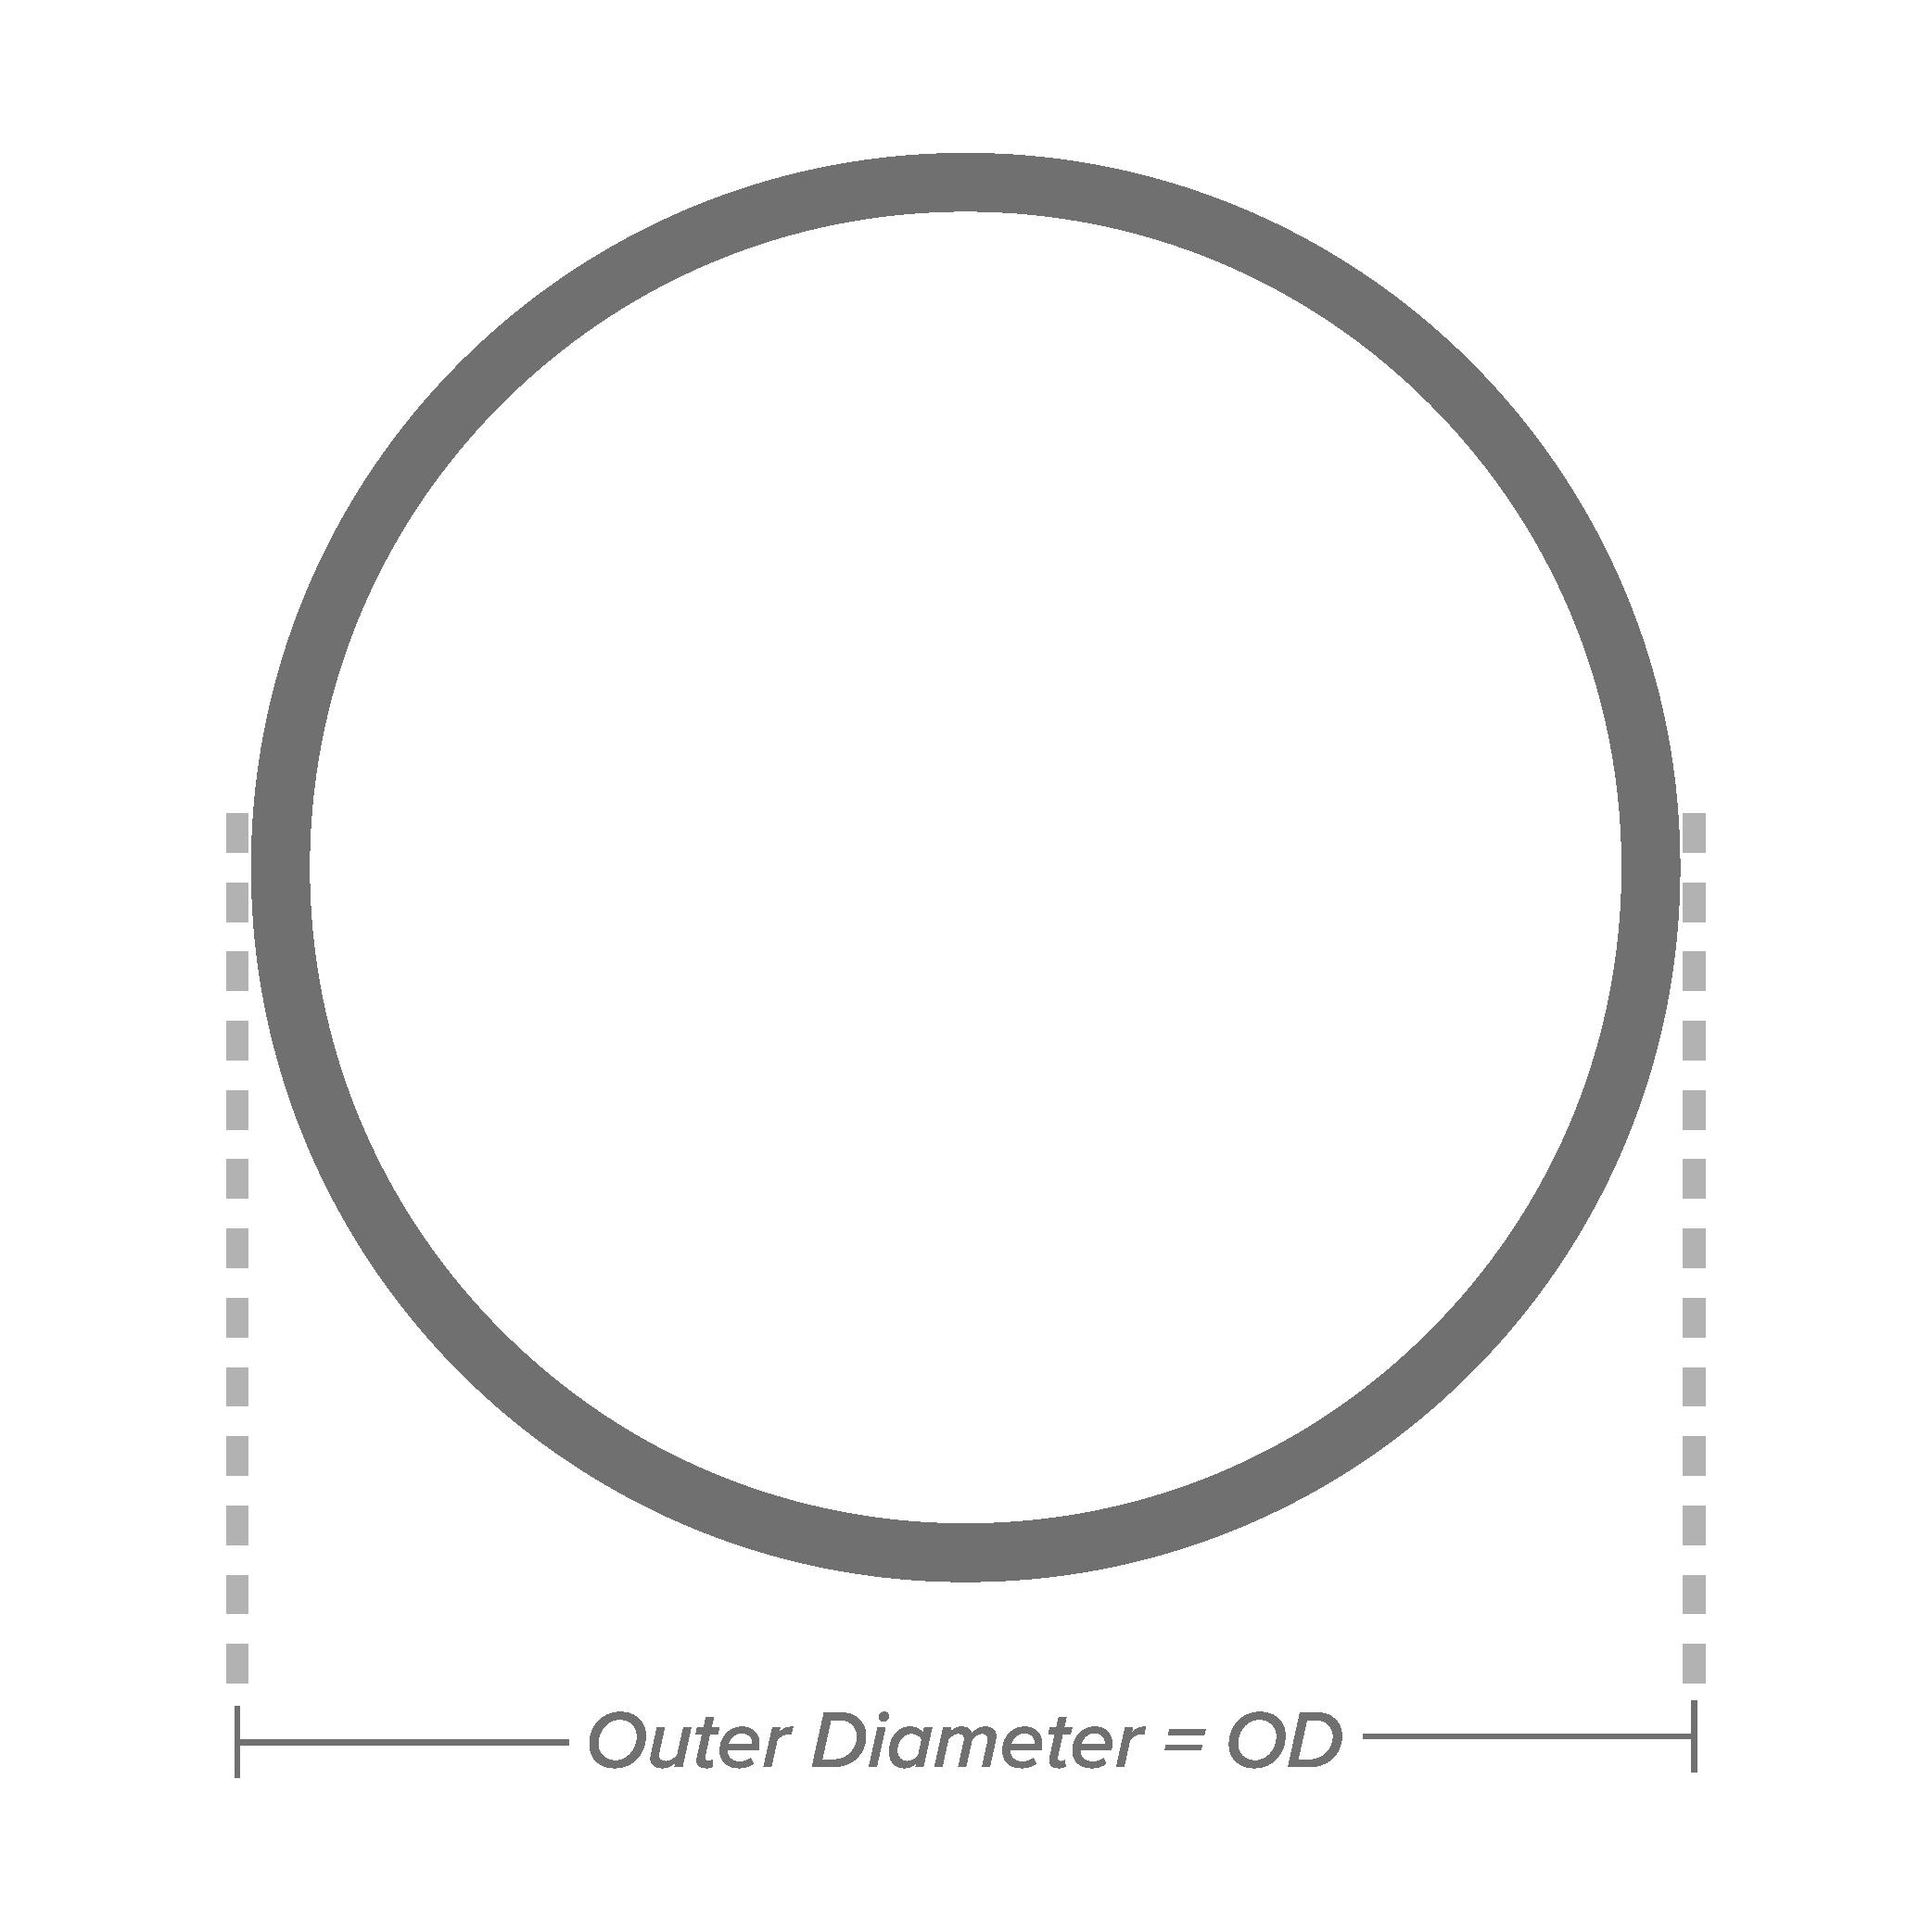 ODforsite-01